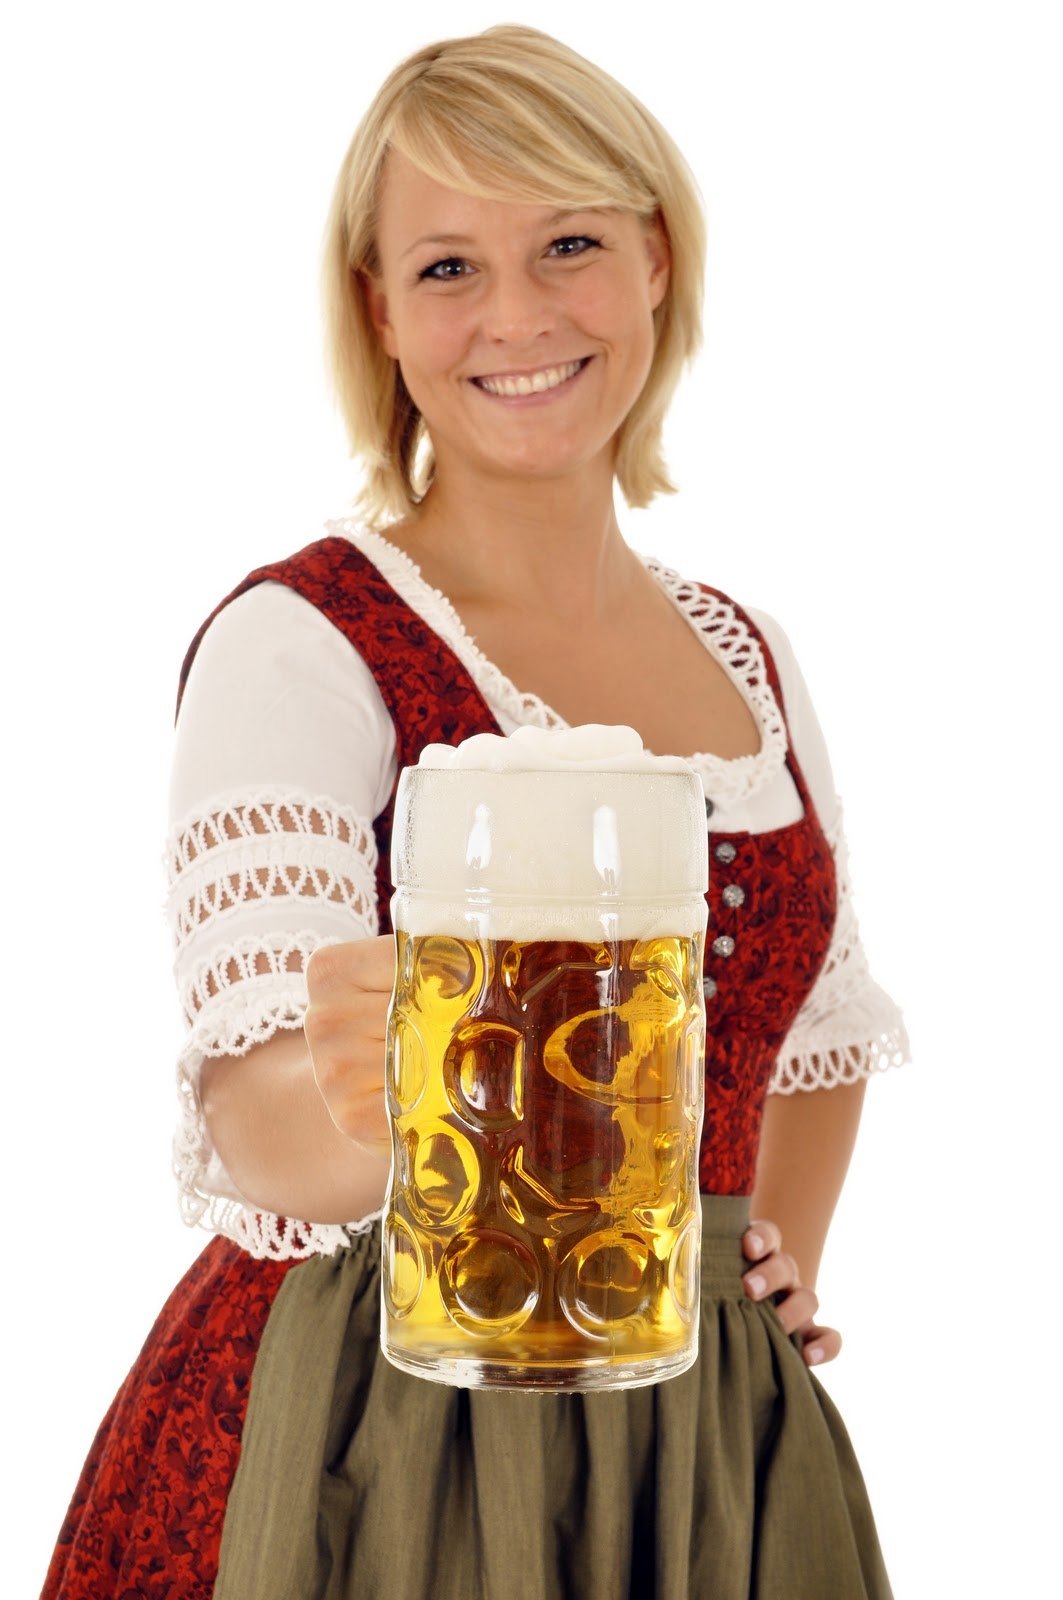 Bilan Carbone: Le Bilan Carbone d'une pinte de bière !